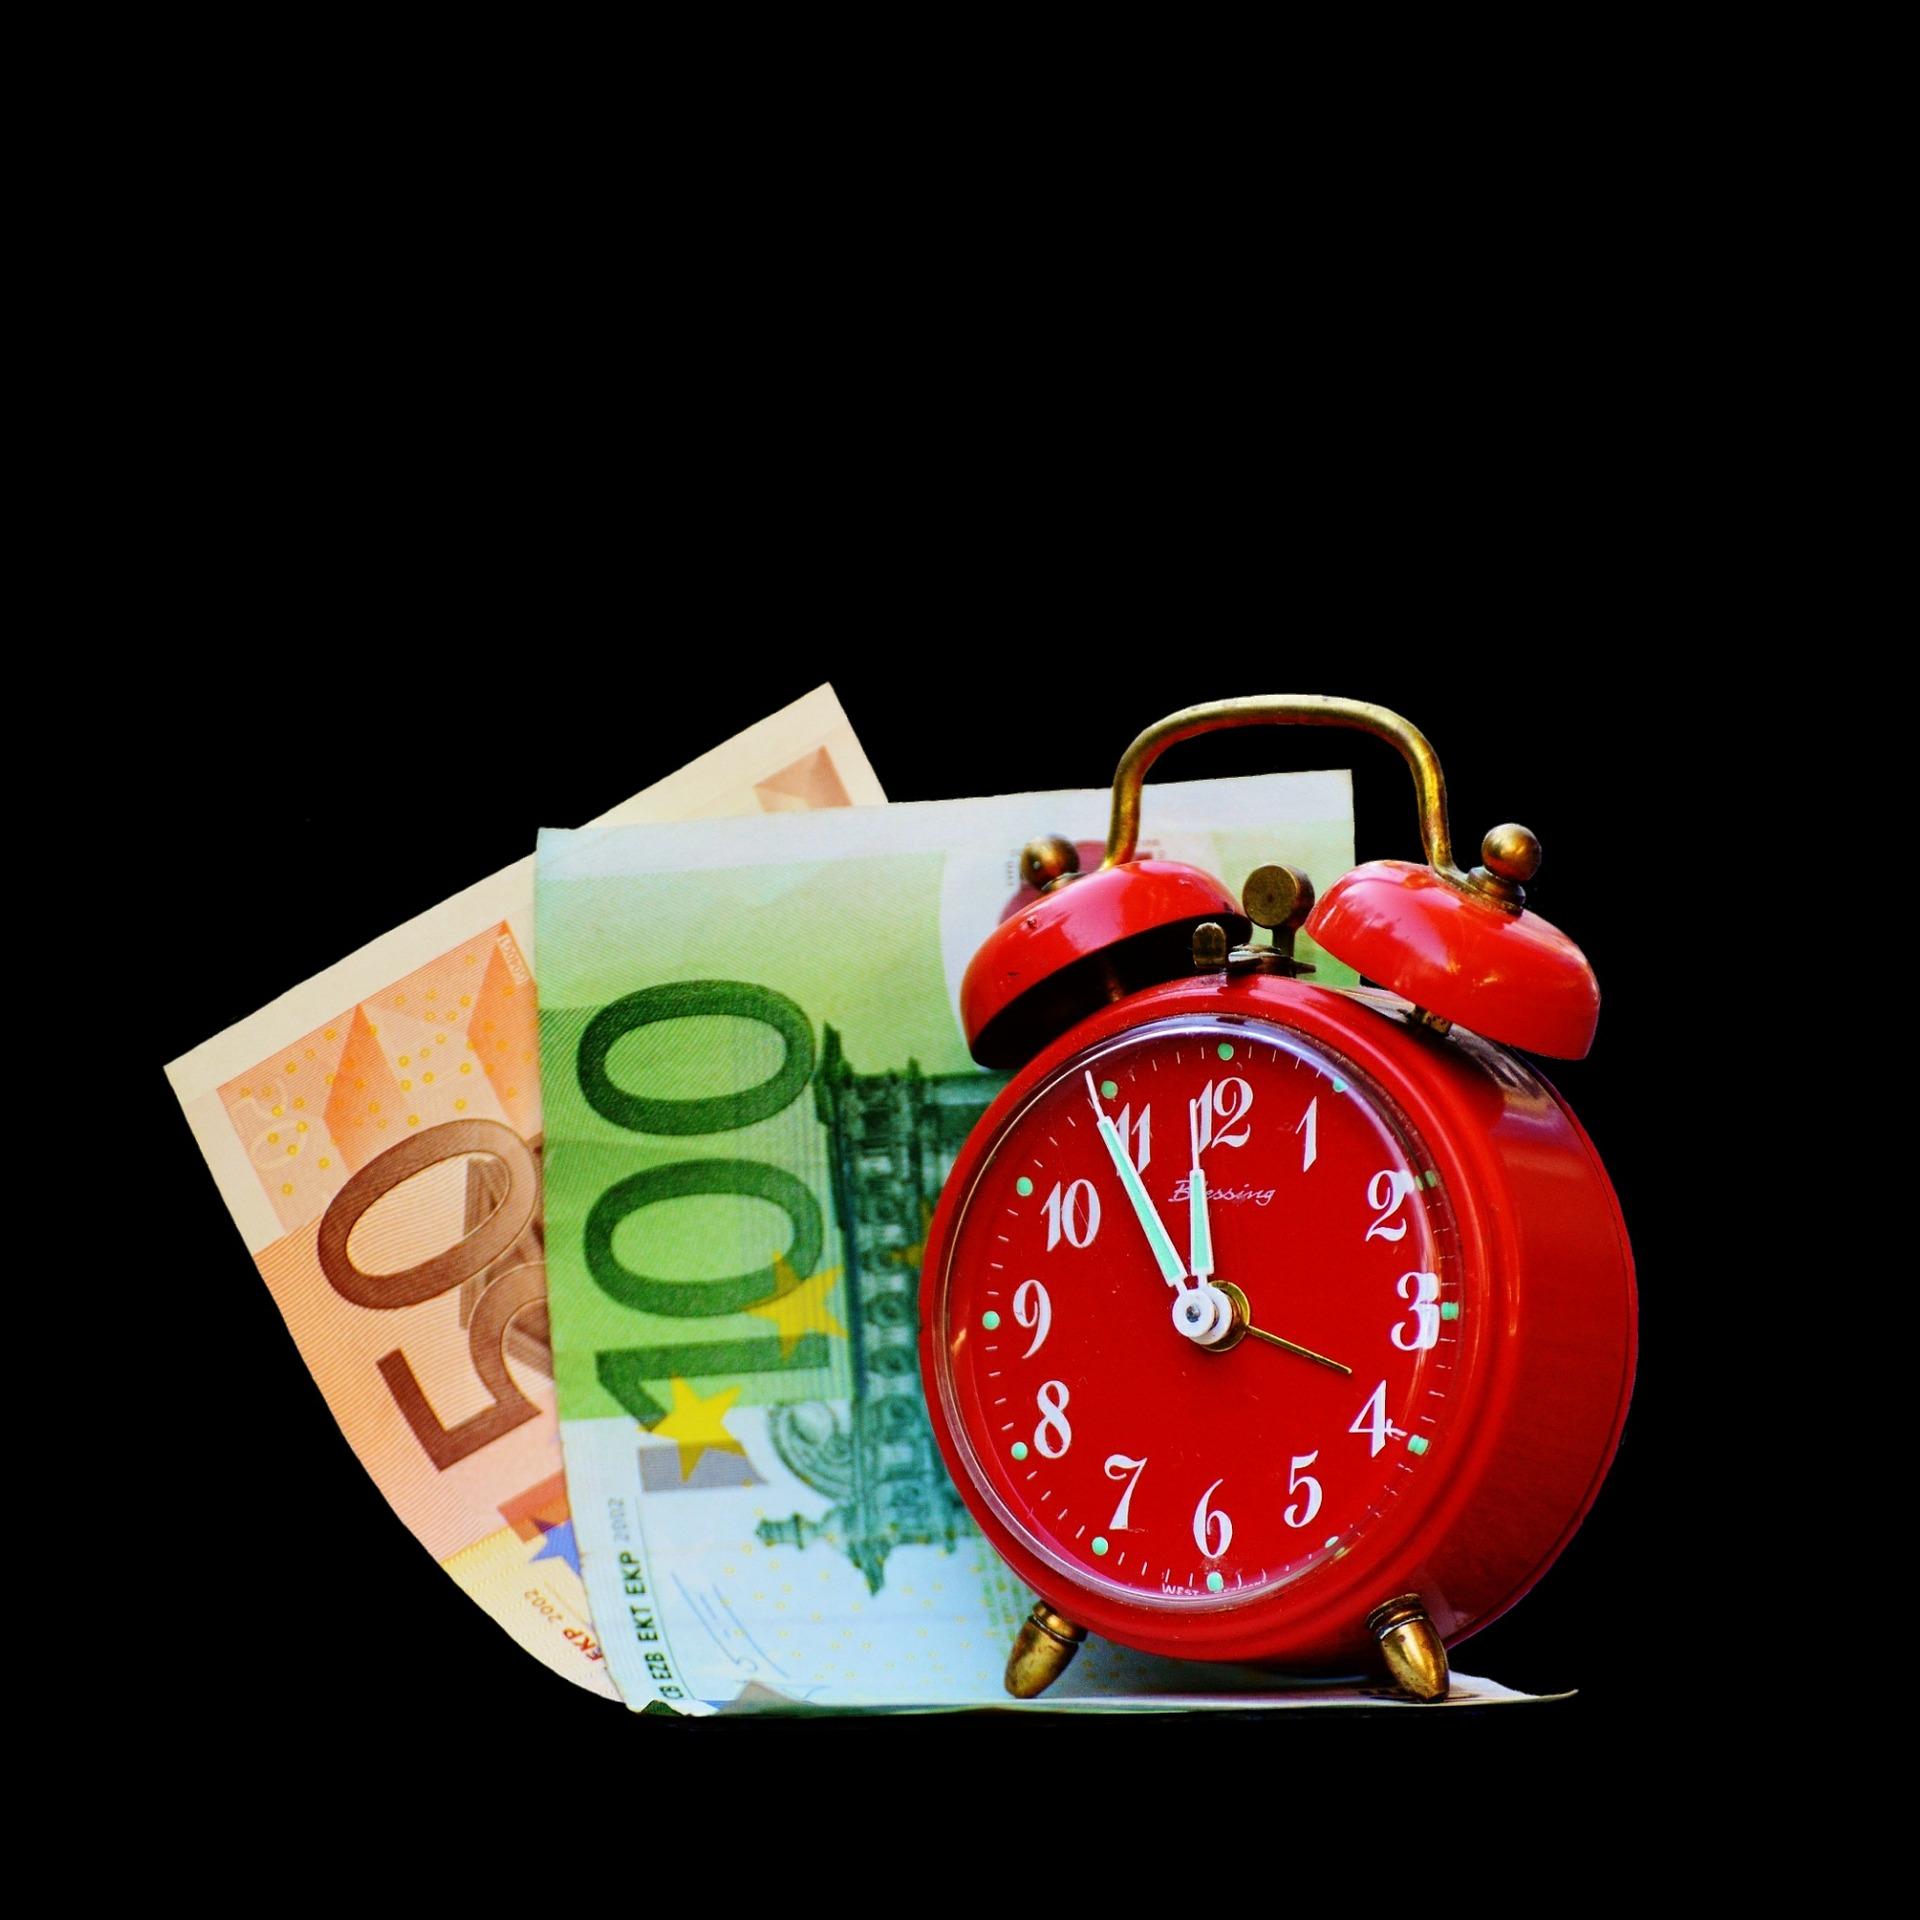 Potřebujete peníze, ale s půjčkou vám to nevychází?